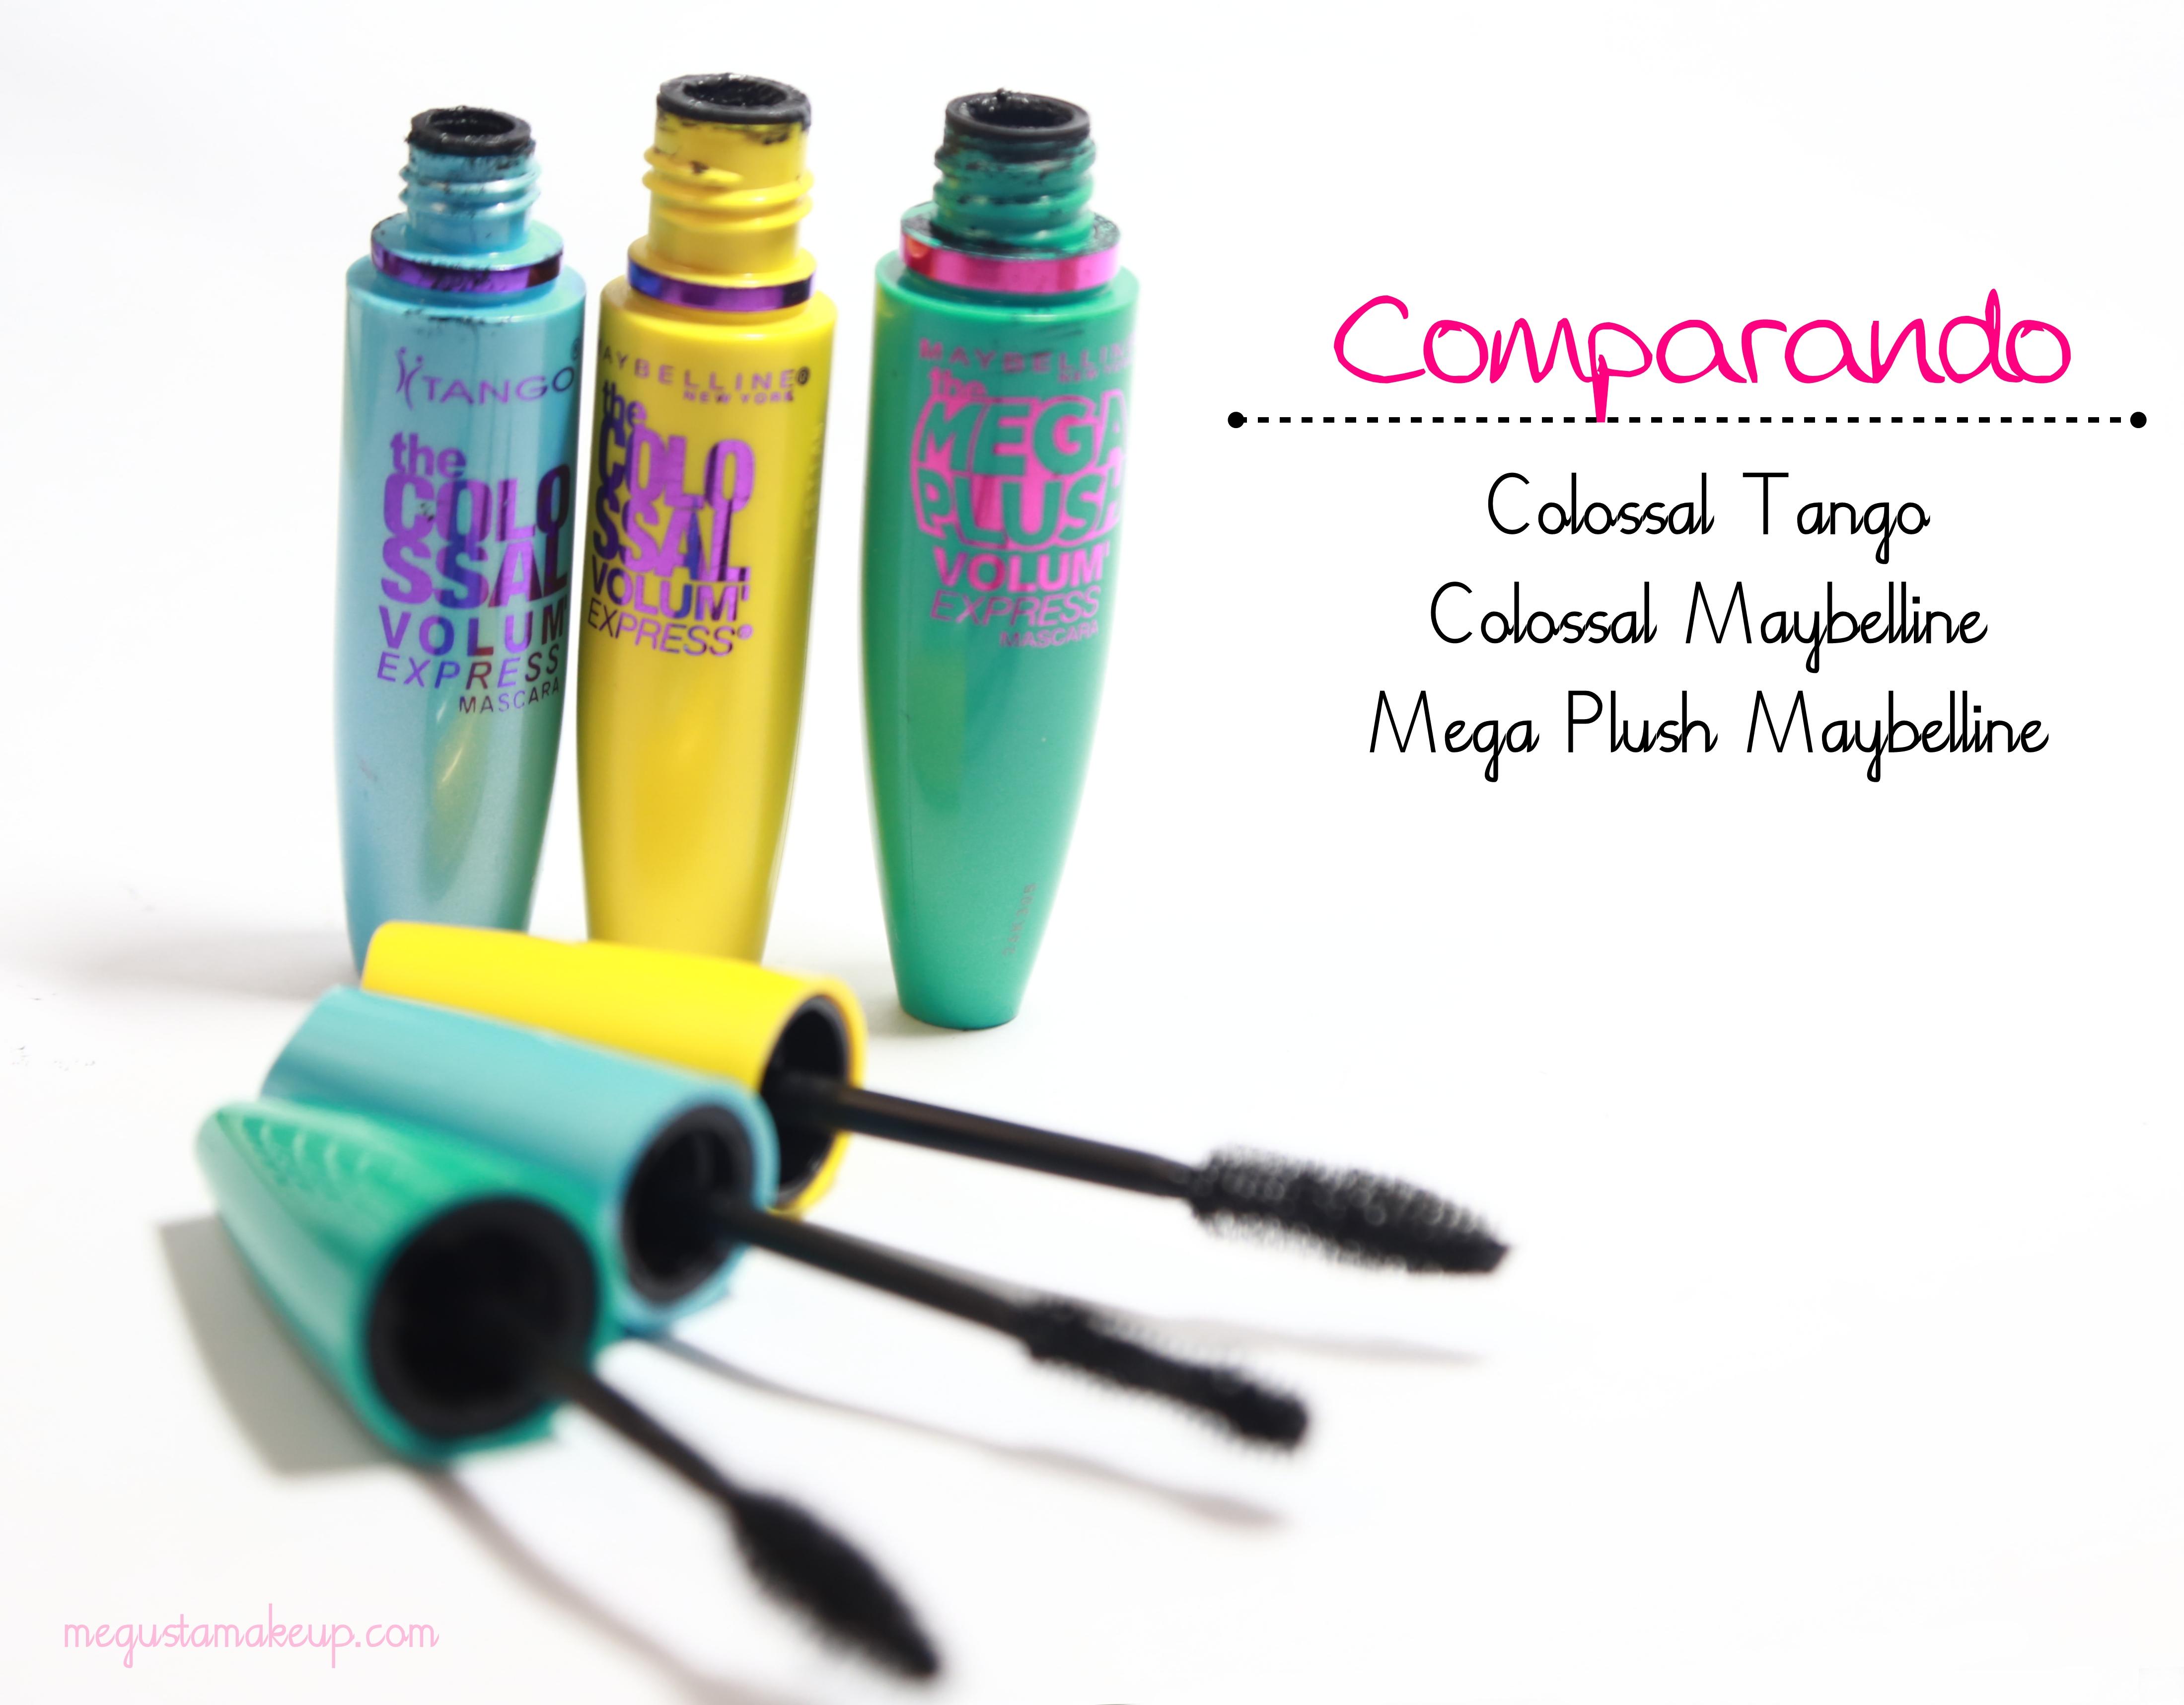 comparando 2 1 - Super Comparação: Mascaras Colossal Maybelline, Colossal Tango e Mega Plush Maybelline